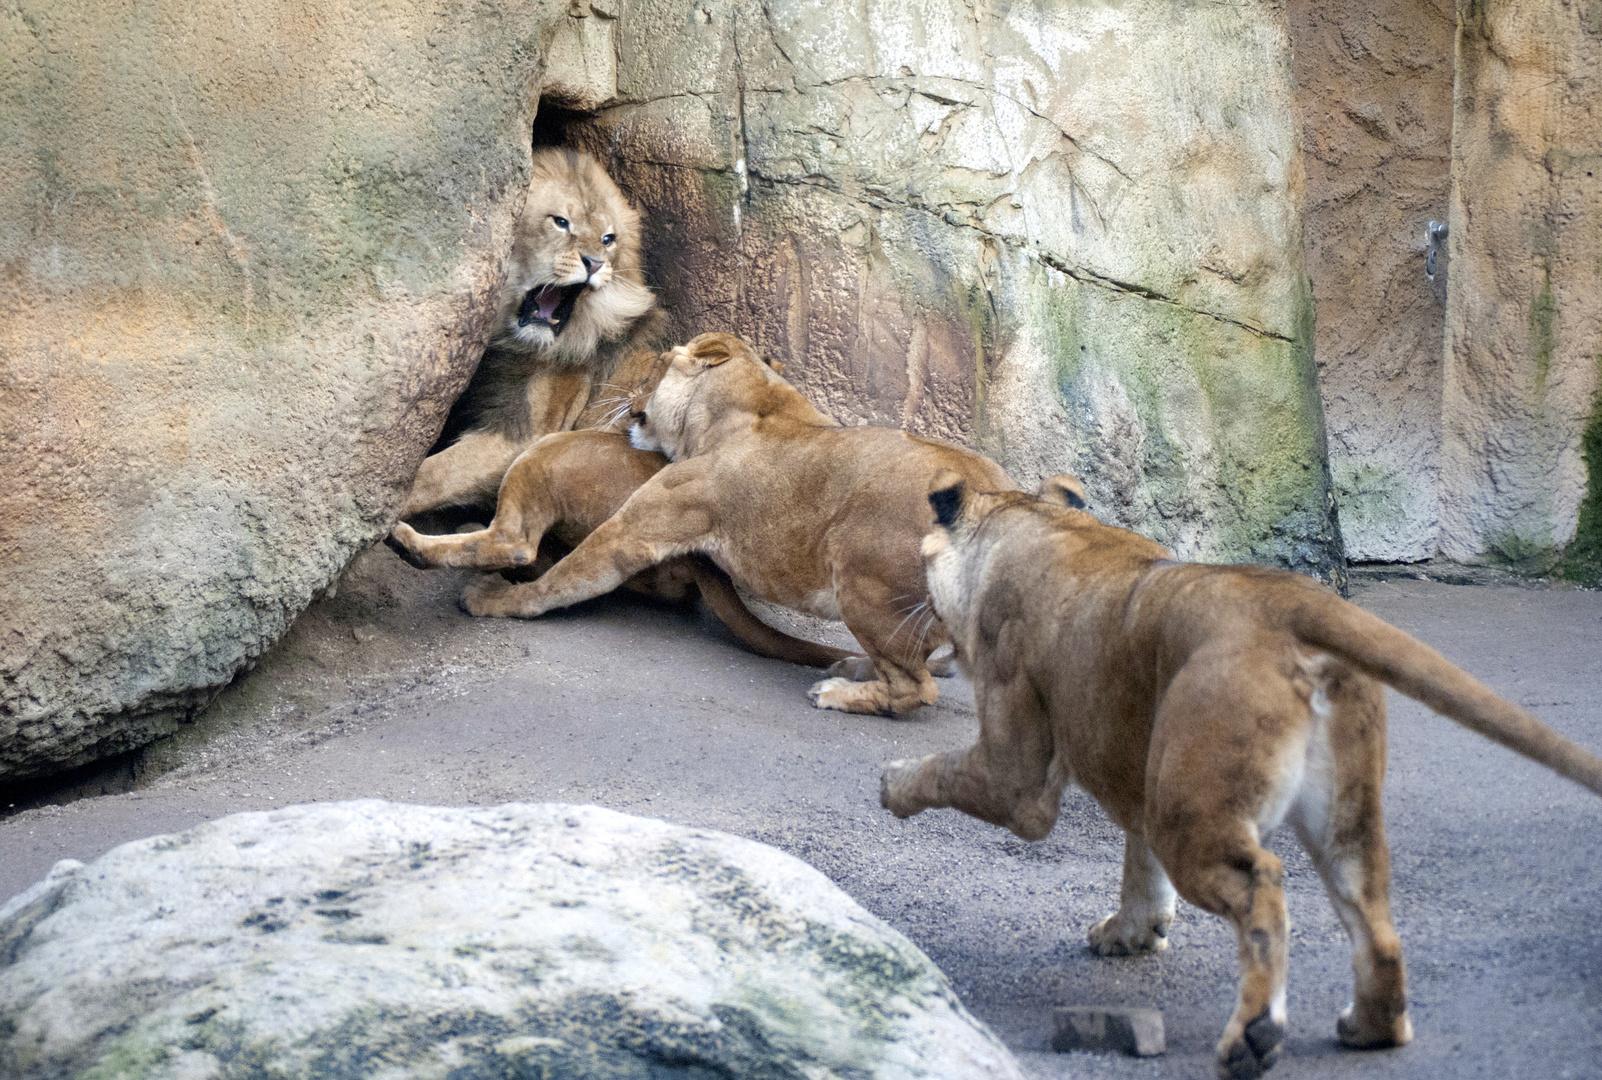 Wütender Löwe im Wuppertaler Zoo